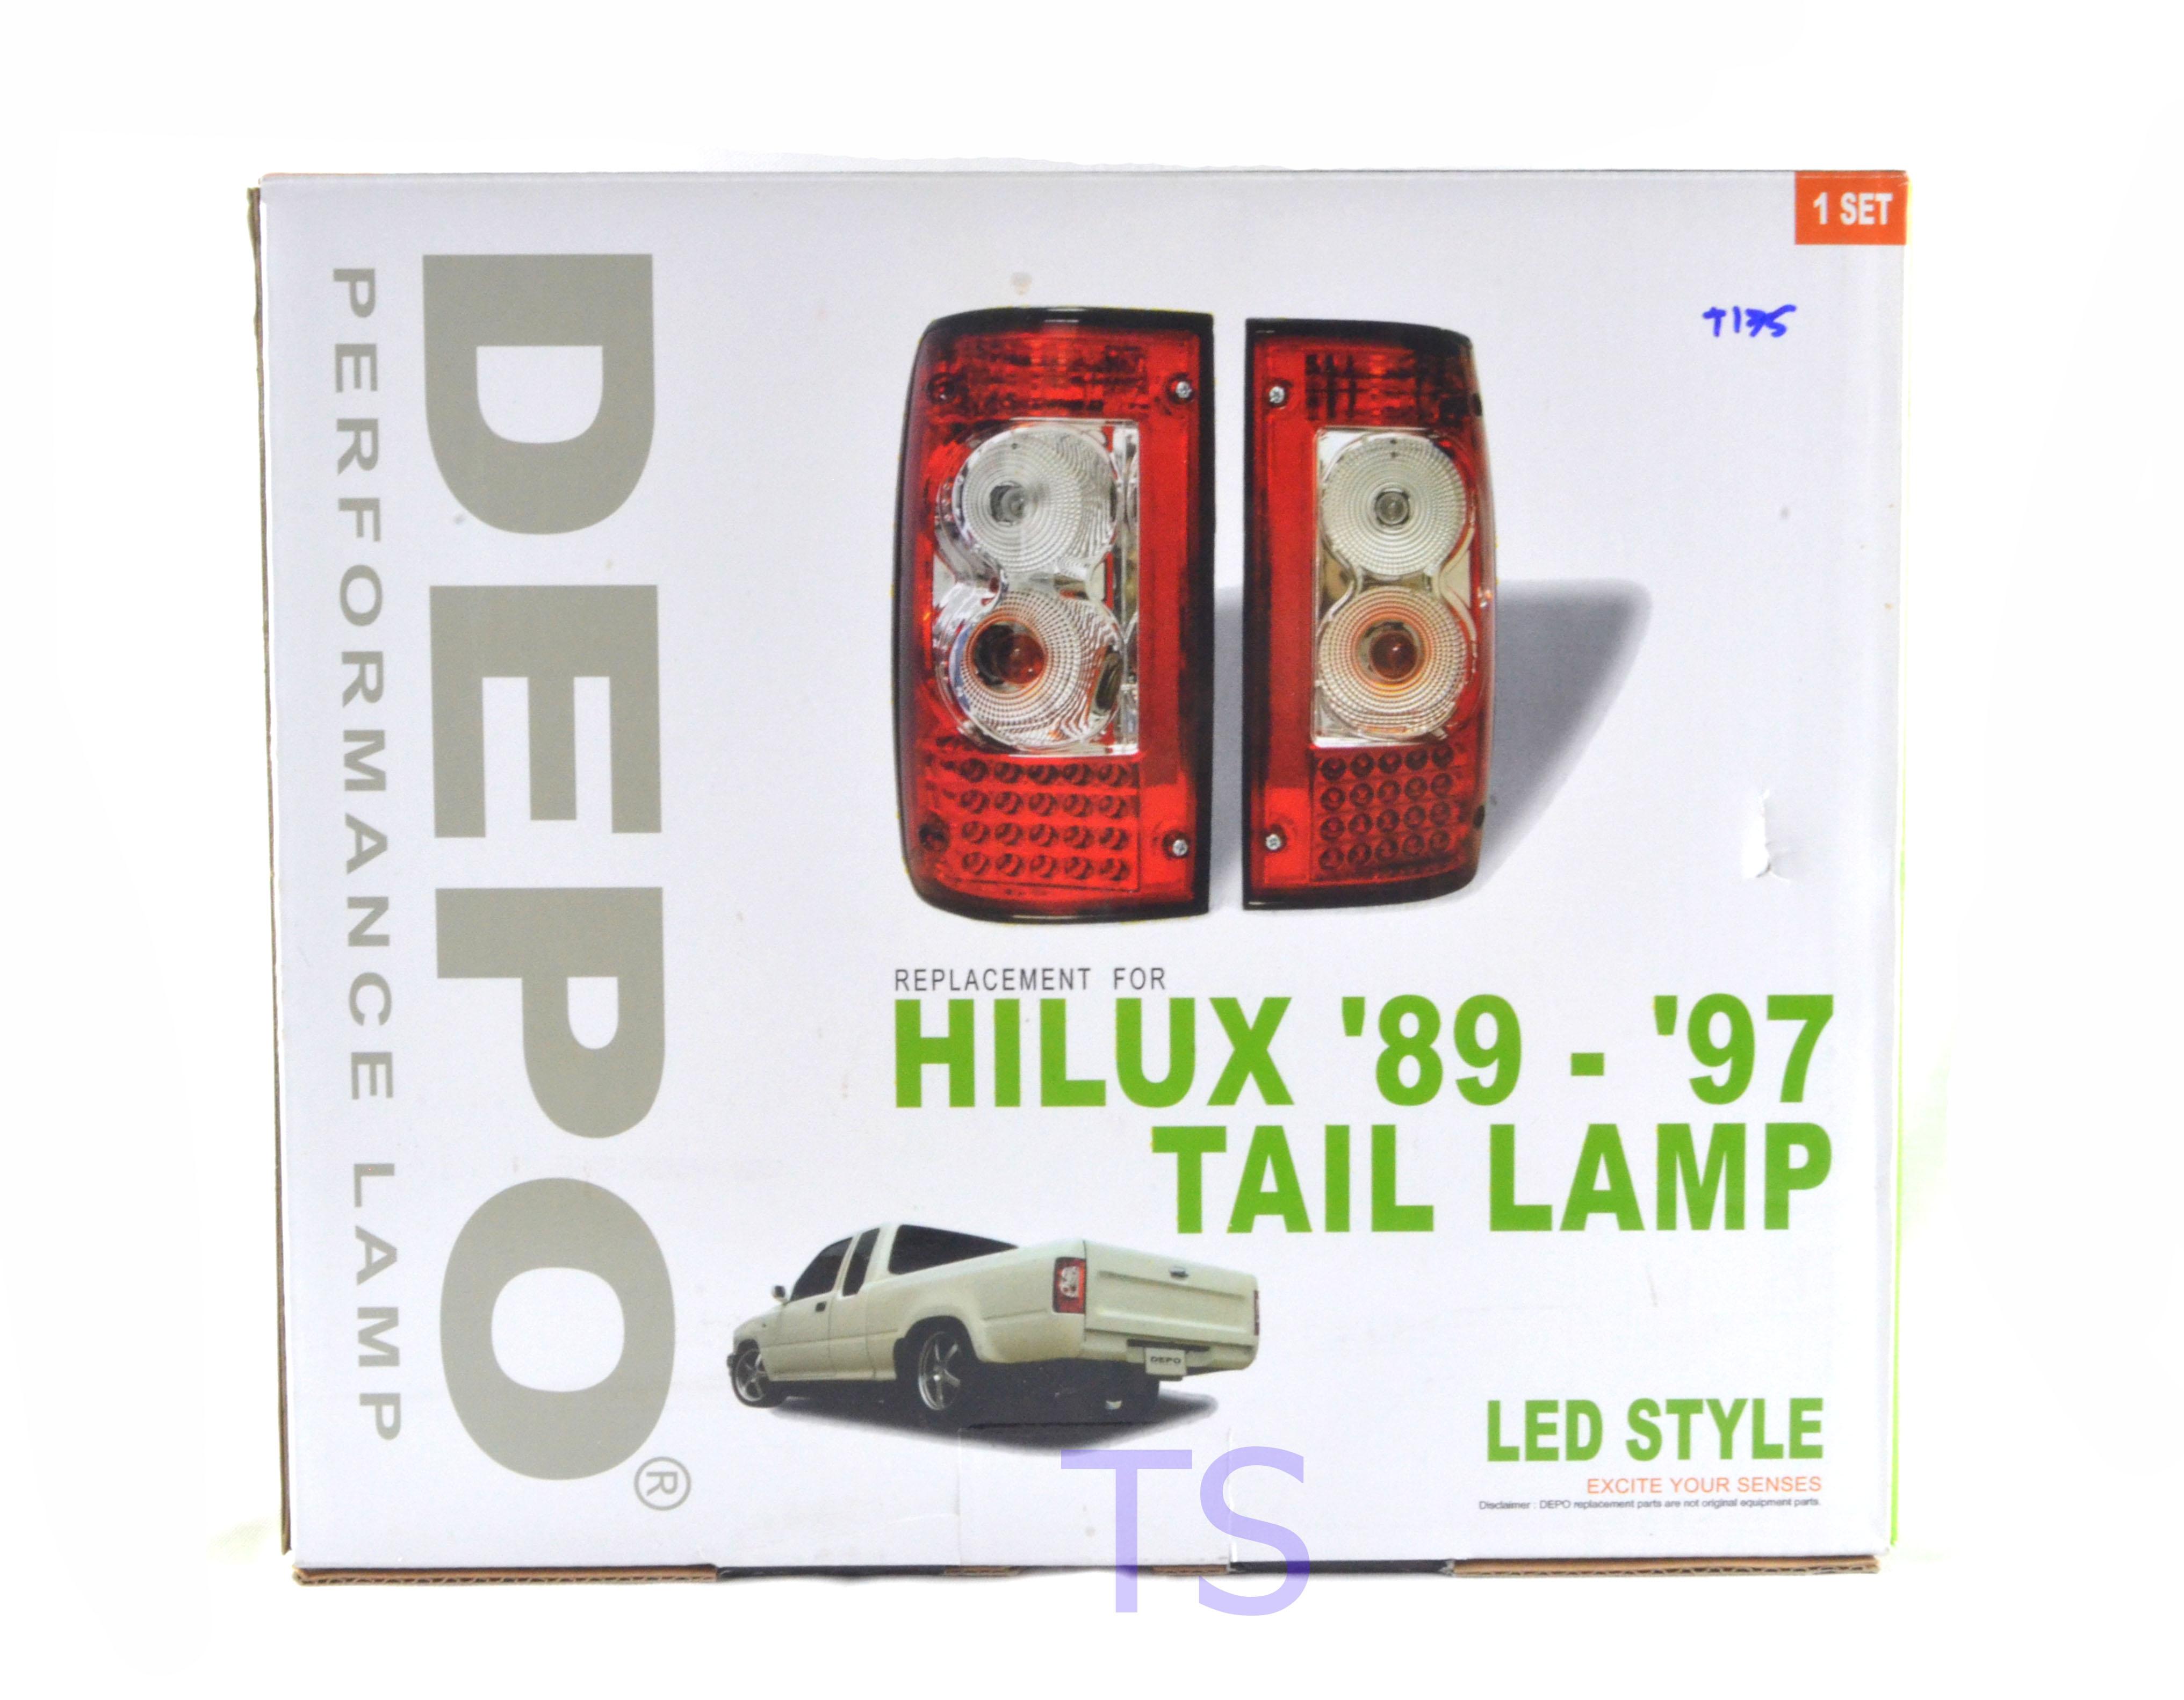 PBI 7062-40-3 Aluminum Rear Sprocket 40T Made In USA 7075-T651